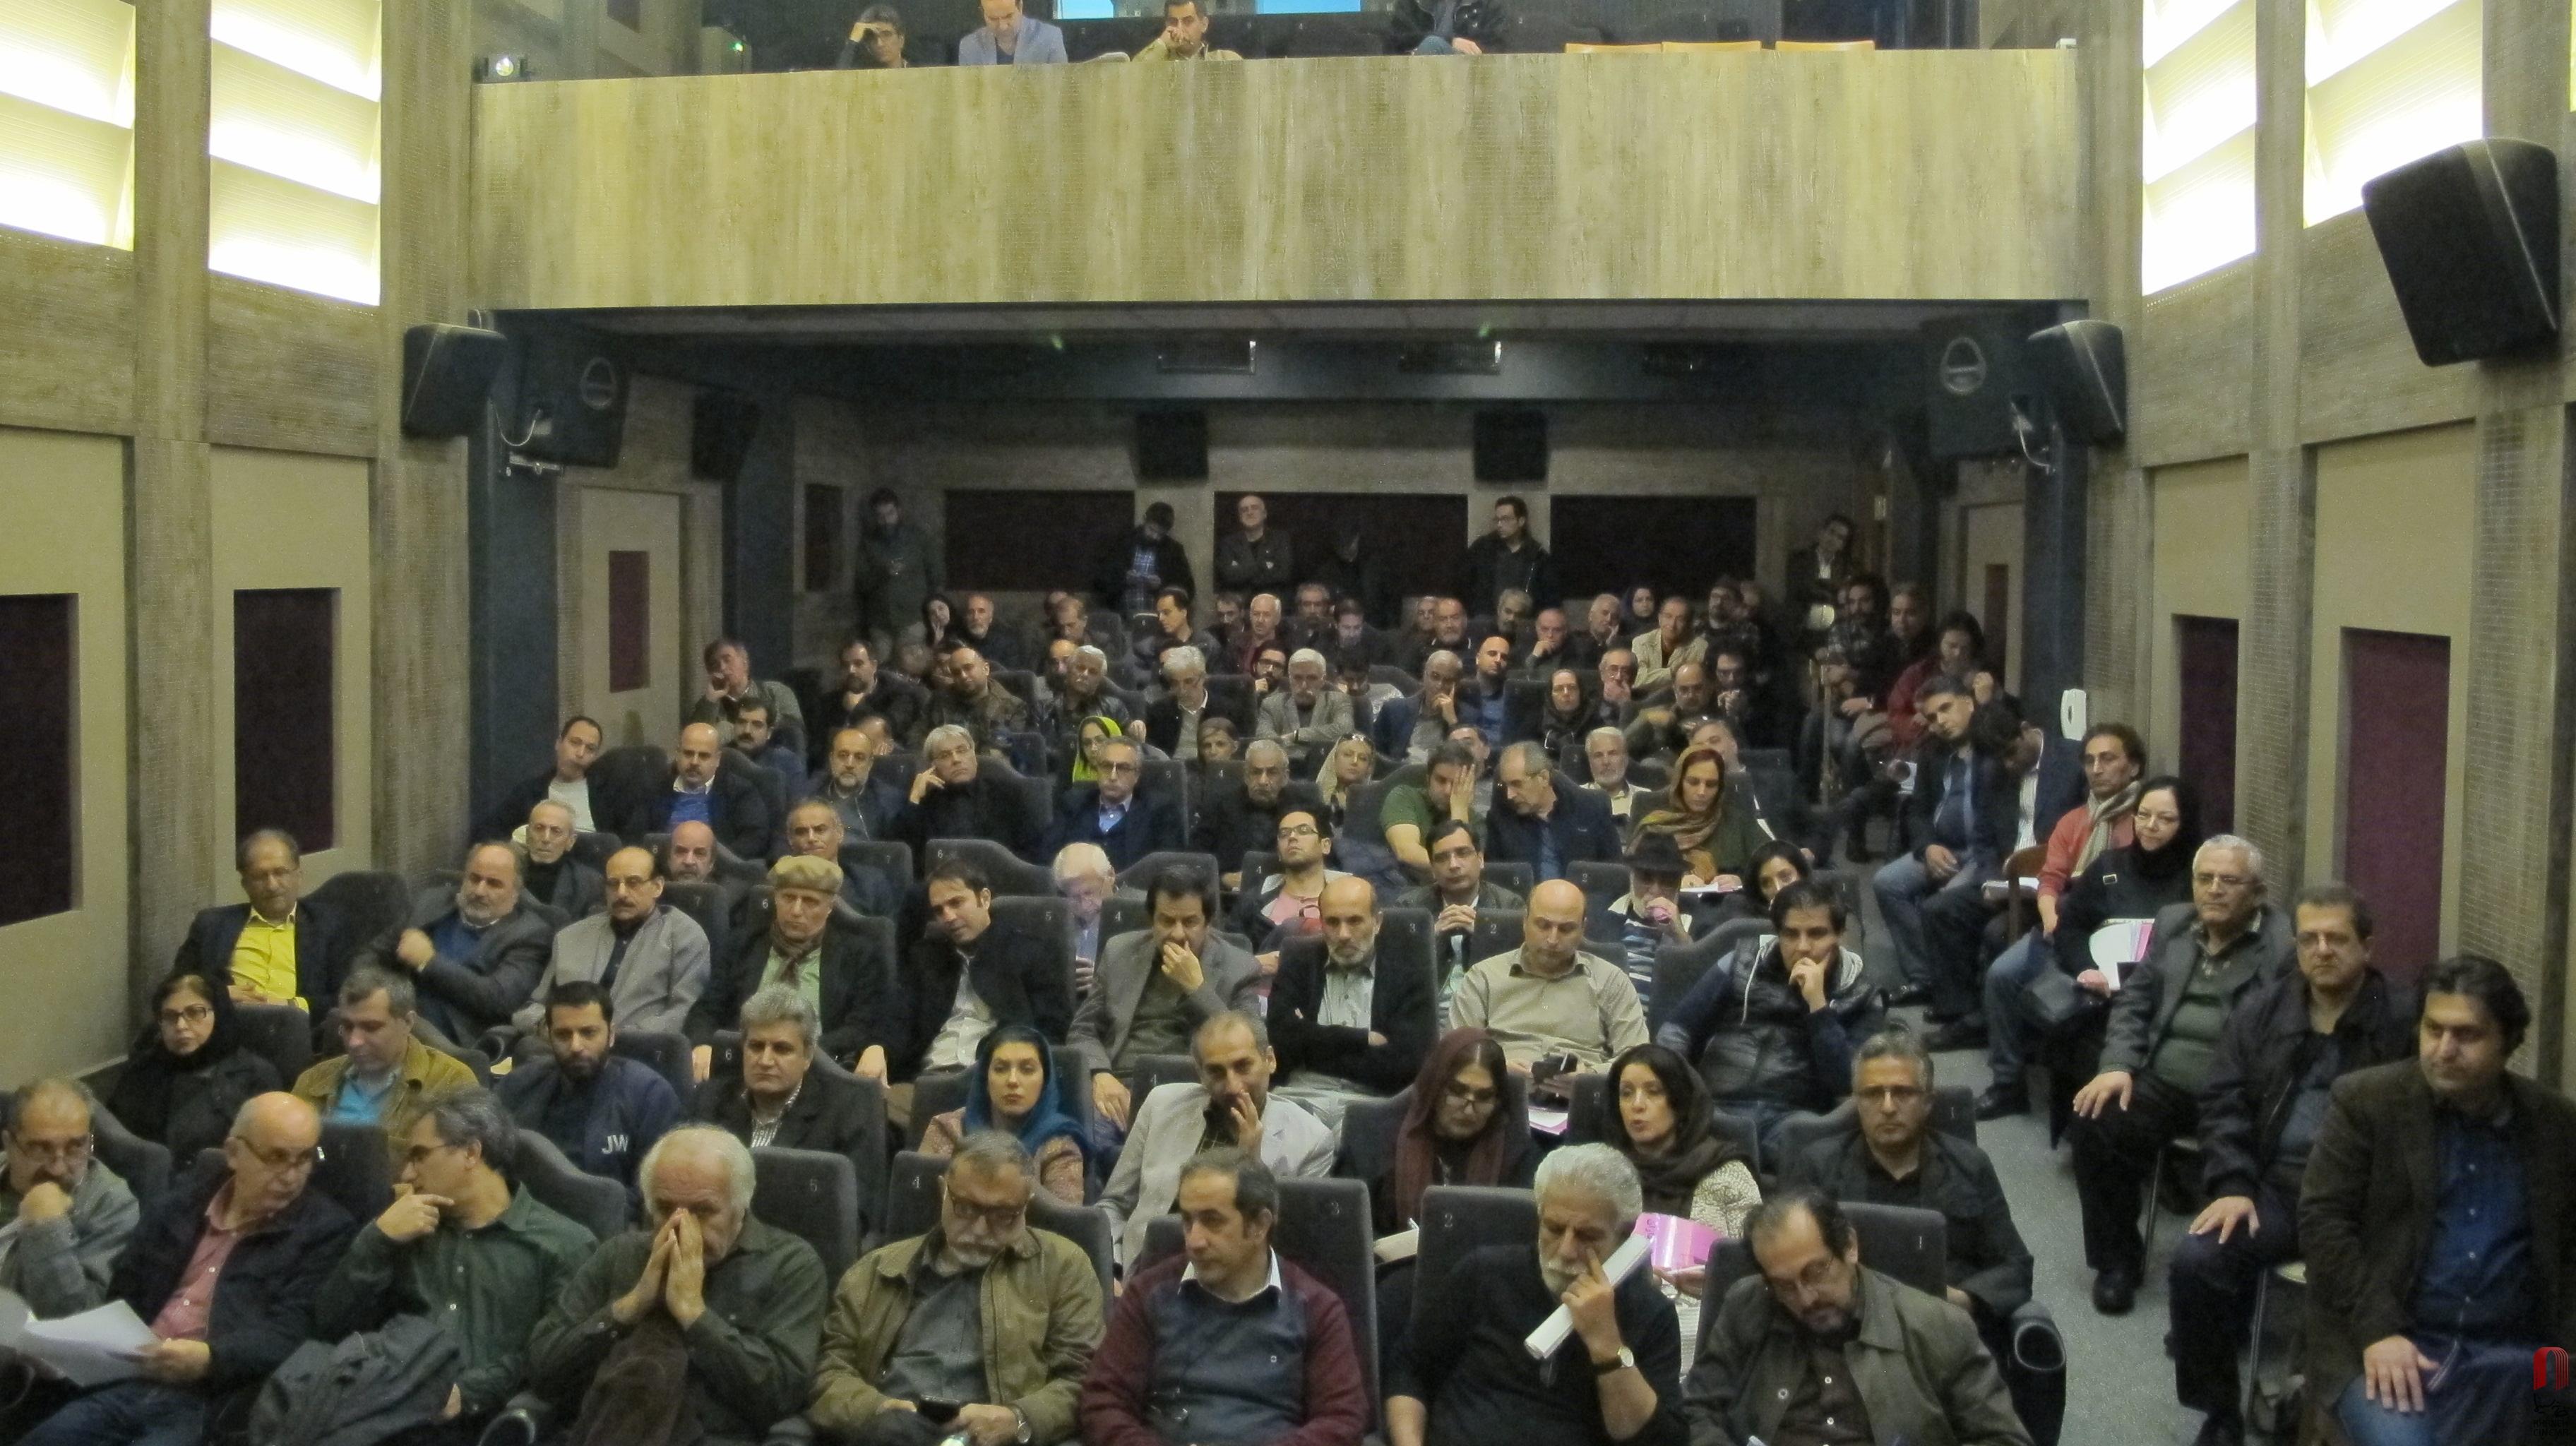 مجمع عمومی خانه سینما 15 اسفند 1359 7